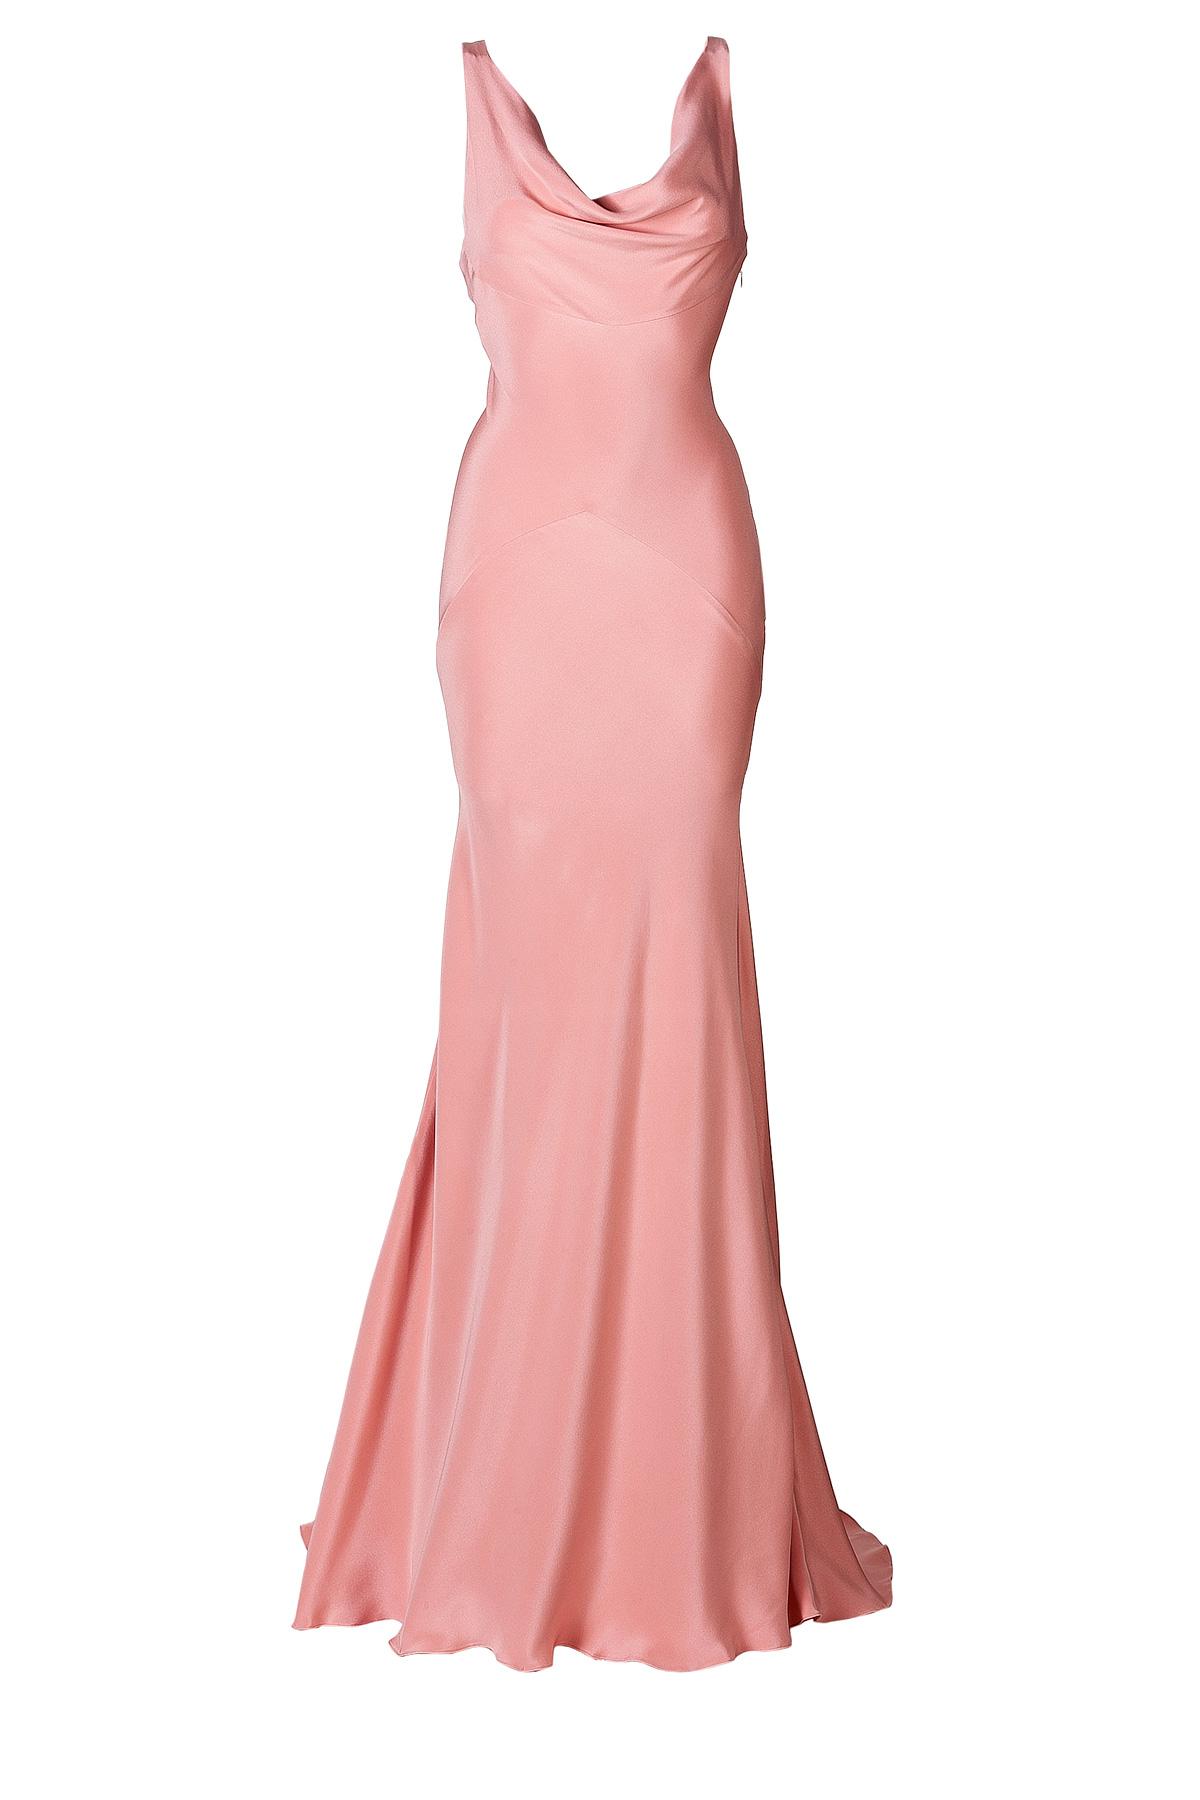 Lyst - Rochas Silk Evening Gown in Pink